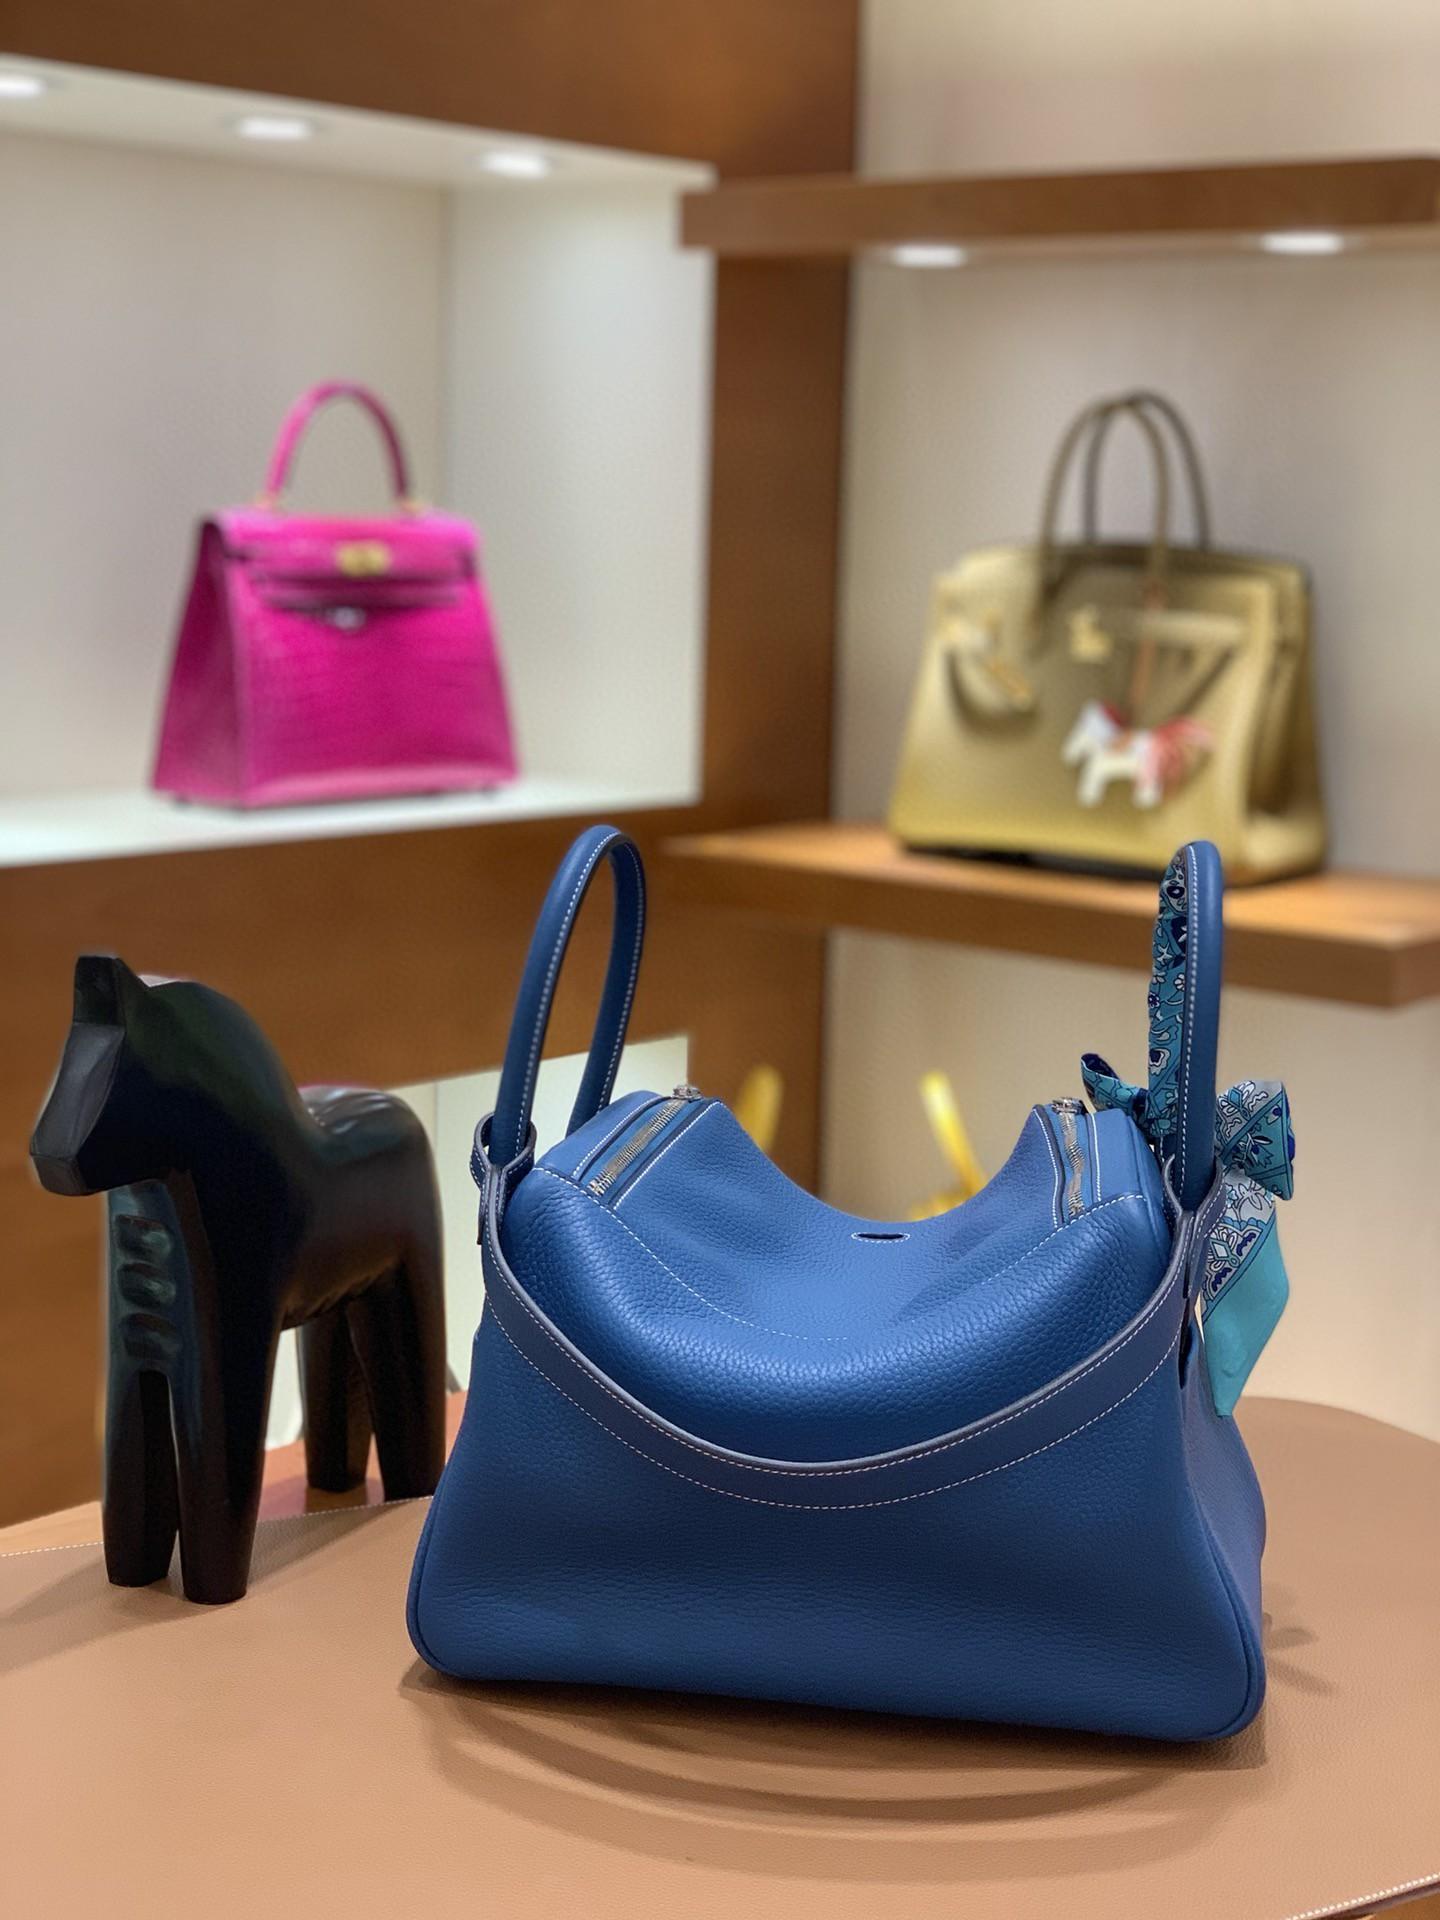 Hermès(爱马仕)Lindy 琳迪包 TC 牛仔蓝 银扣 30cm